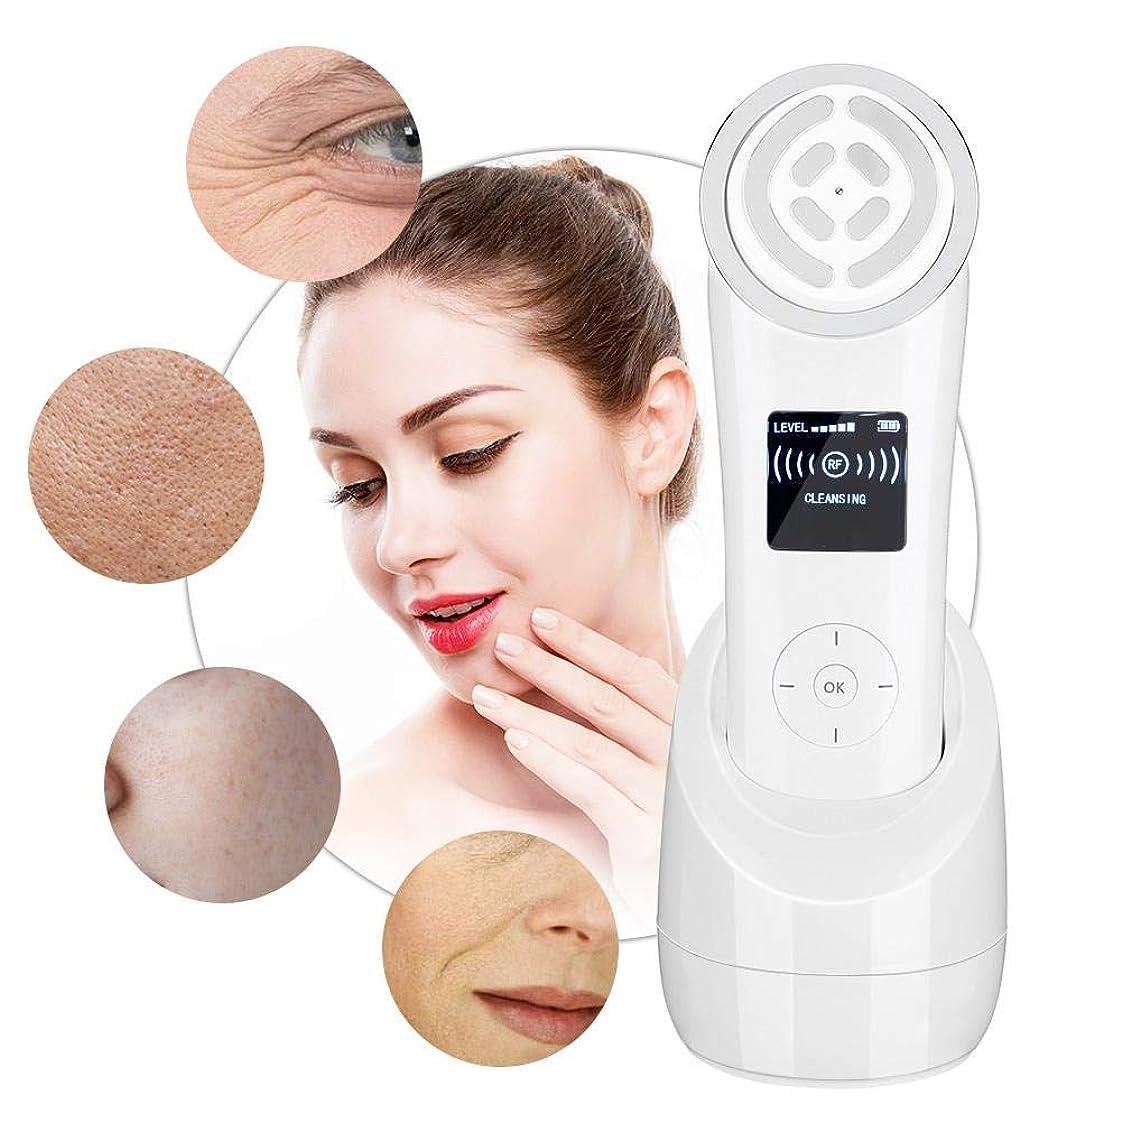 備品昇る医師顔の美しさのマシン - RF周波数アンチエイジングアンチリンクル、肌の若返り楽器 - ポータブル若返り肌がEMS筋肉刺激を強化(UE)